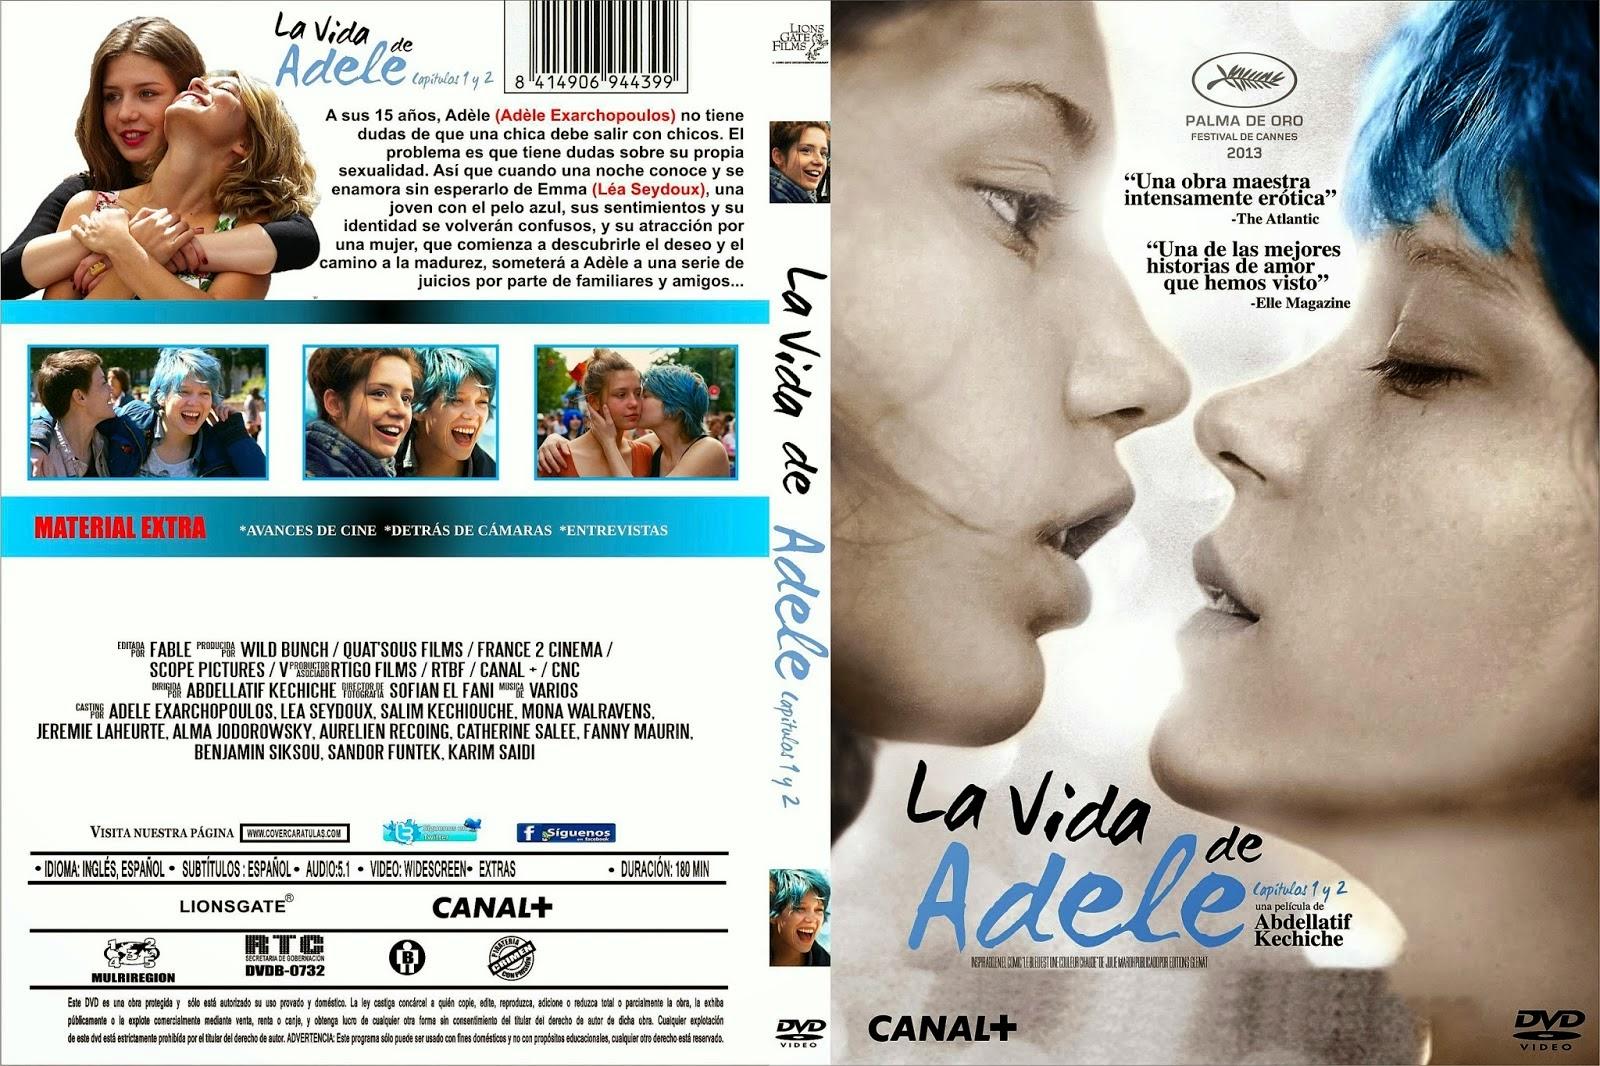 La Vida De Adele DVD